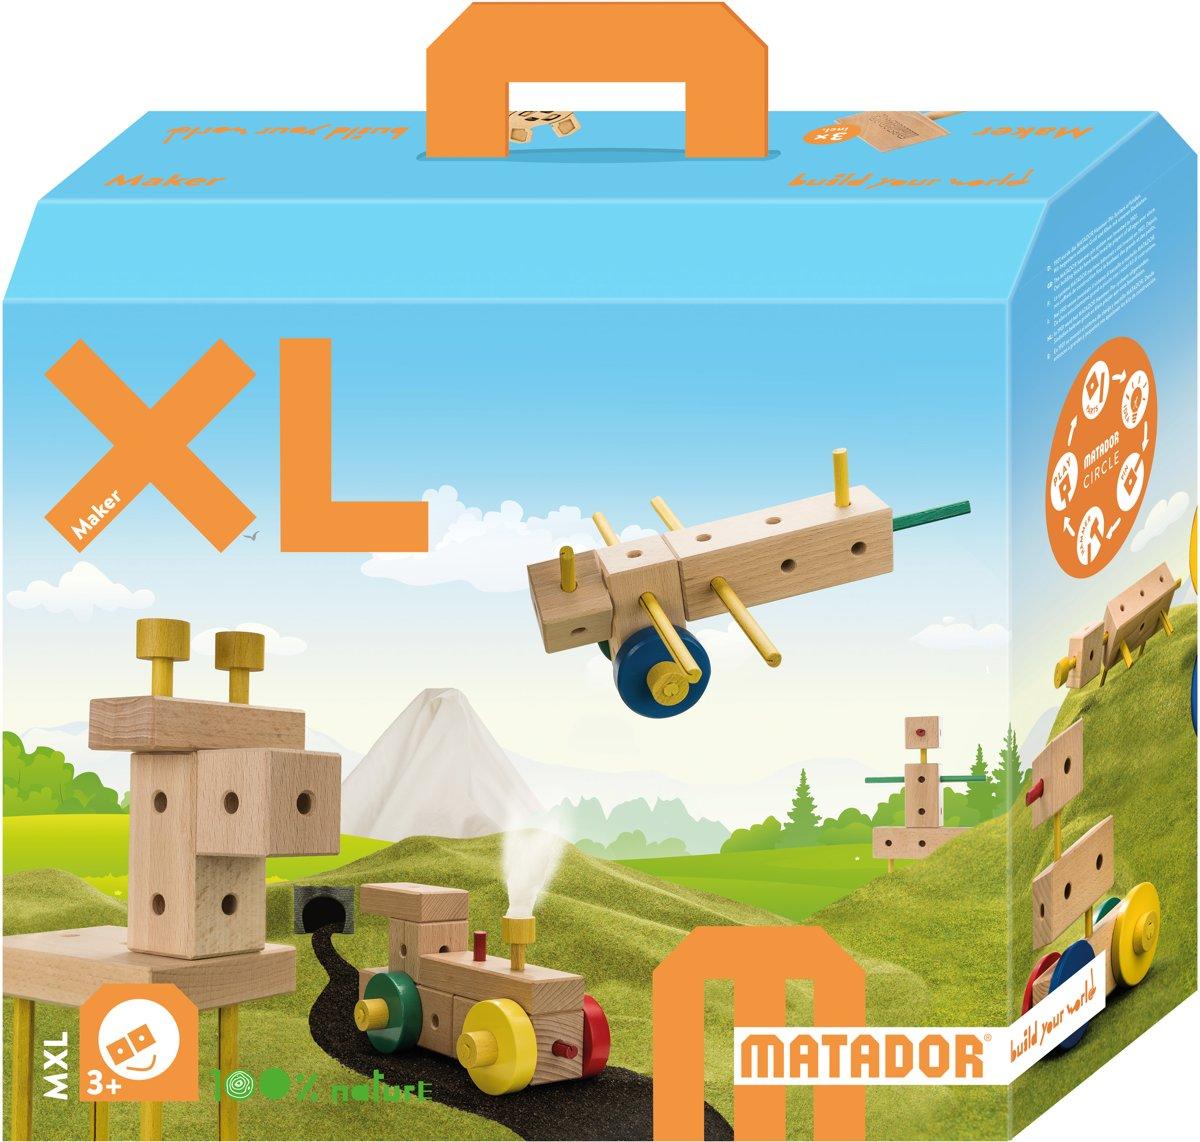 Matador Maker 3+ 350-delig KiXL Bouwdoos